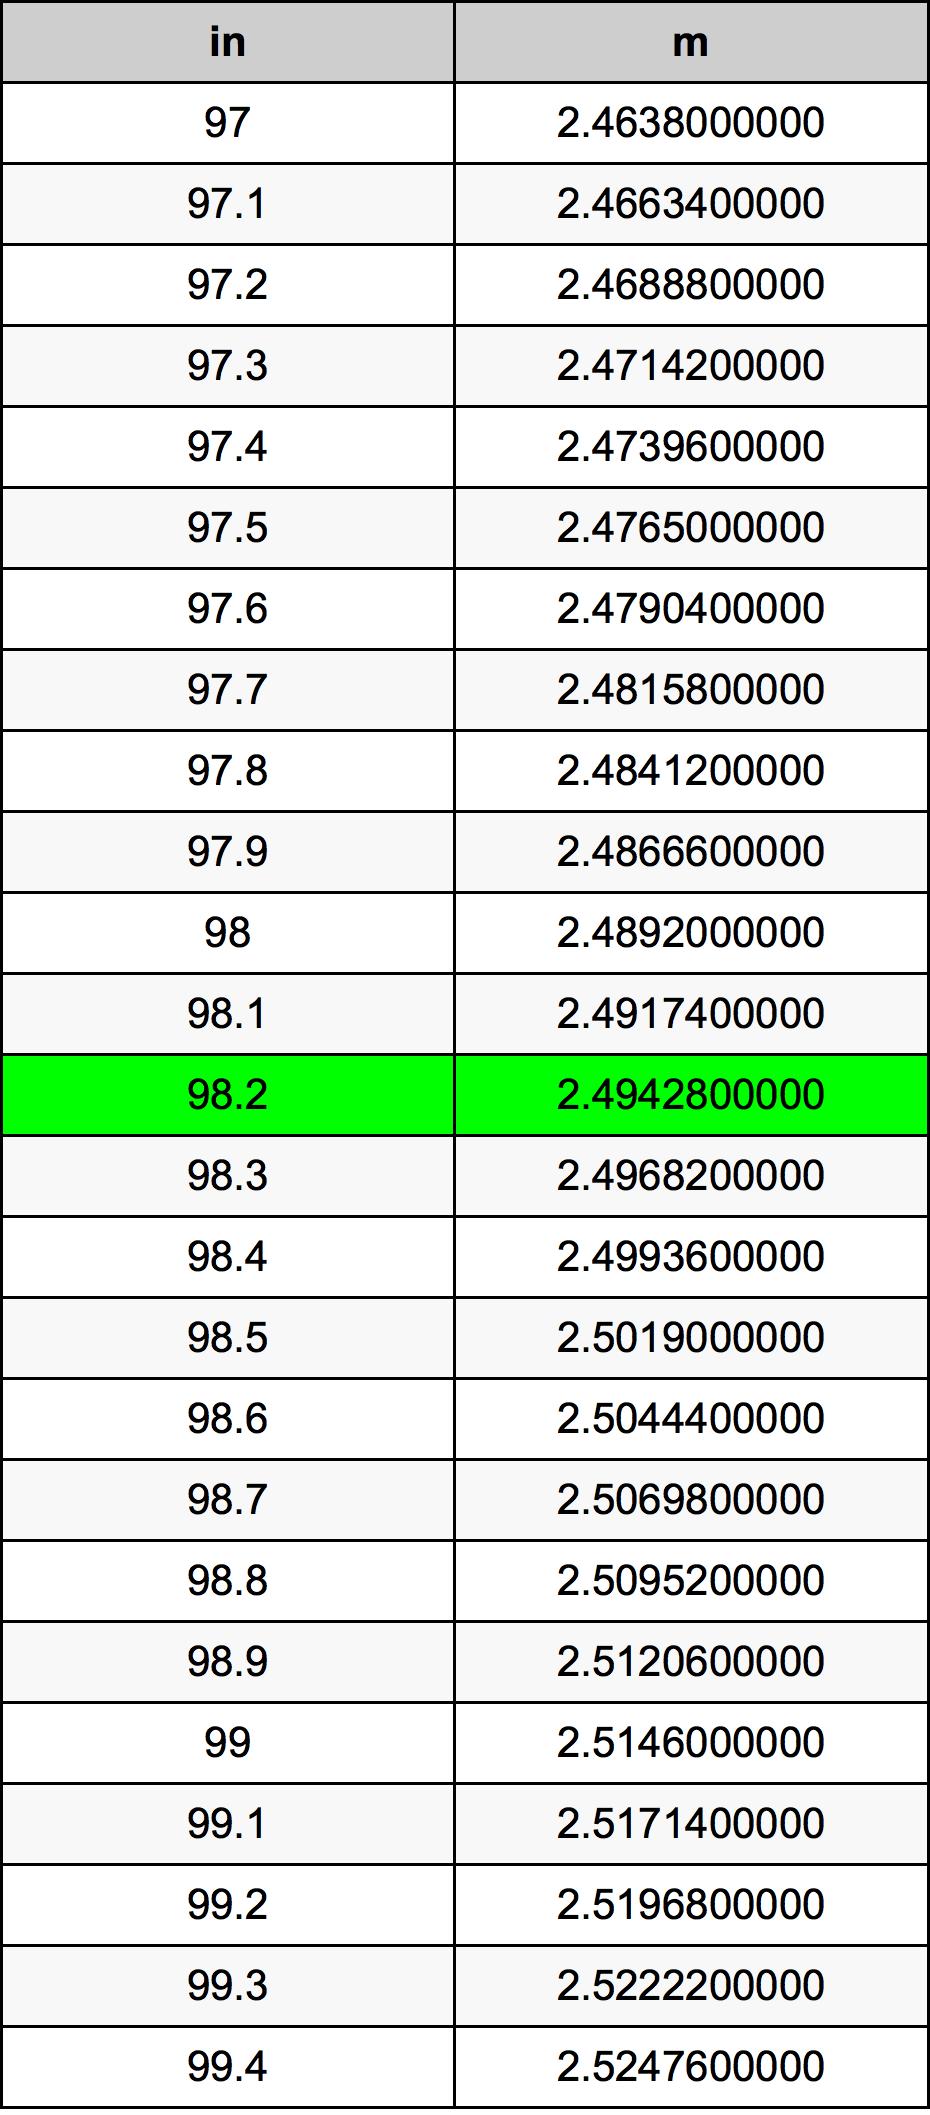 98.2 Inç Table